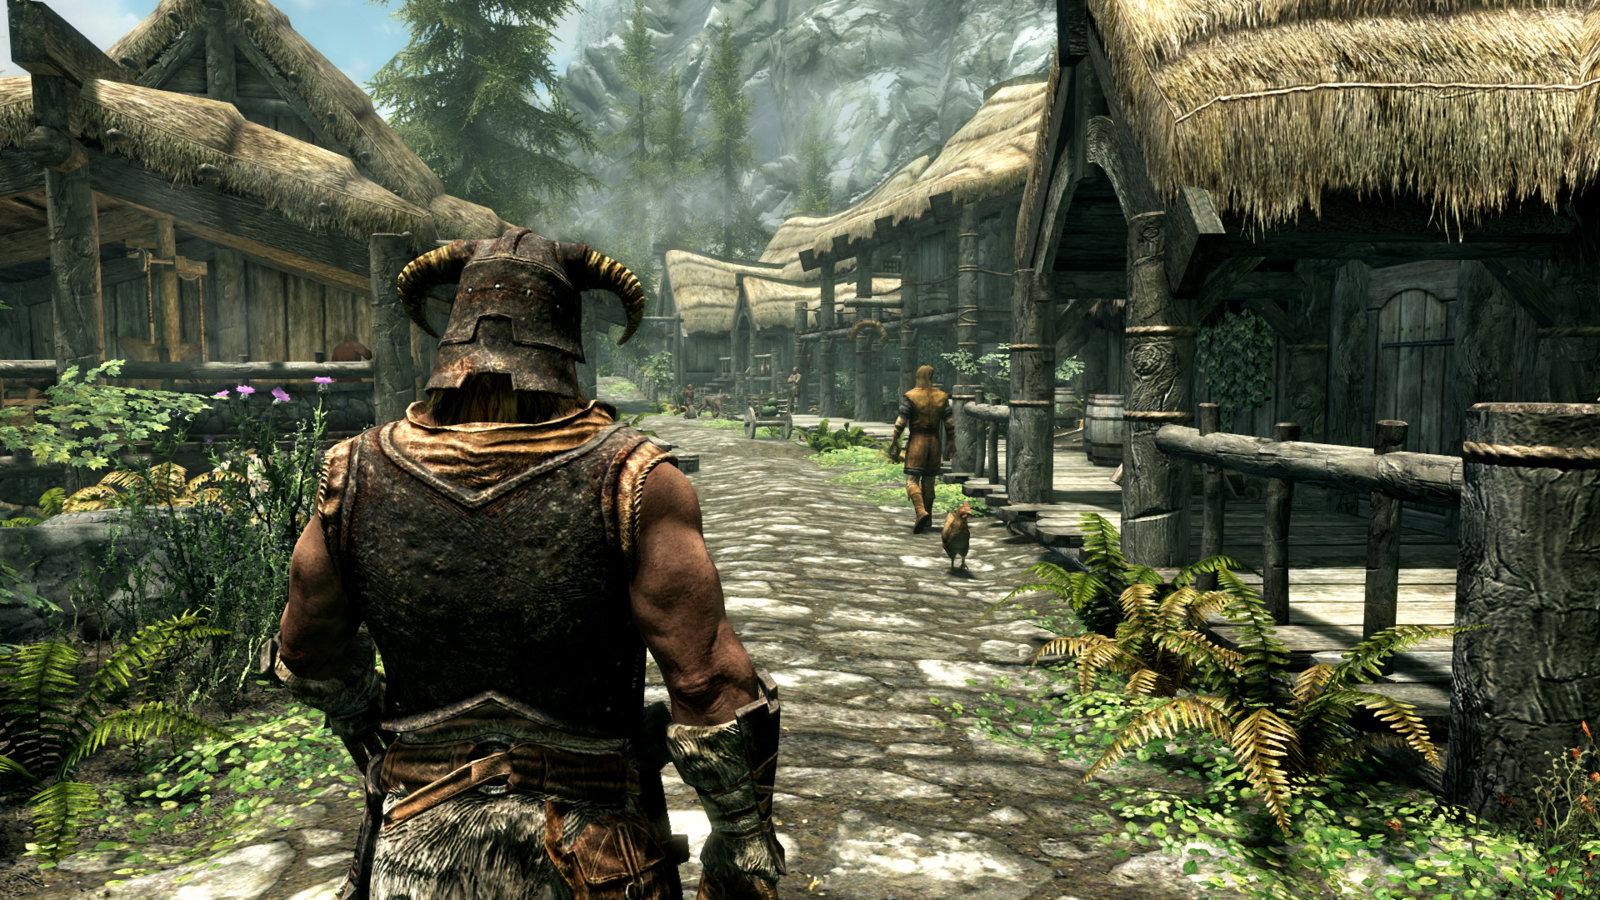 متطلبات تشغيل لعبة The Elder Scrolls V Skyrim المطلوب